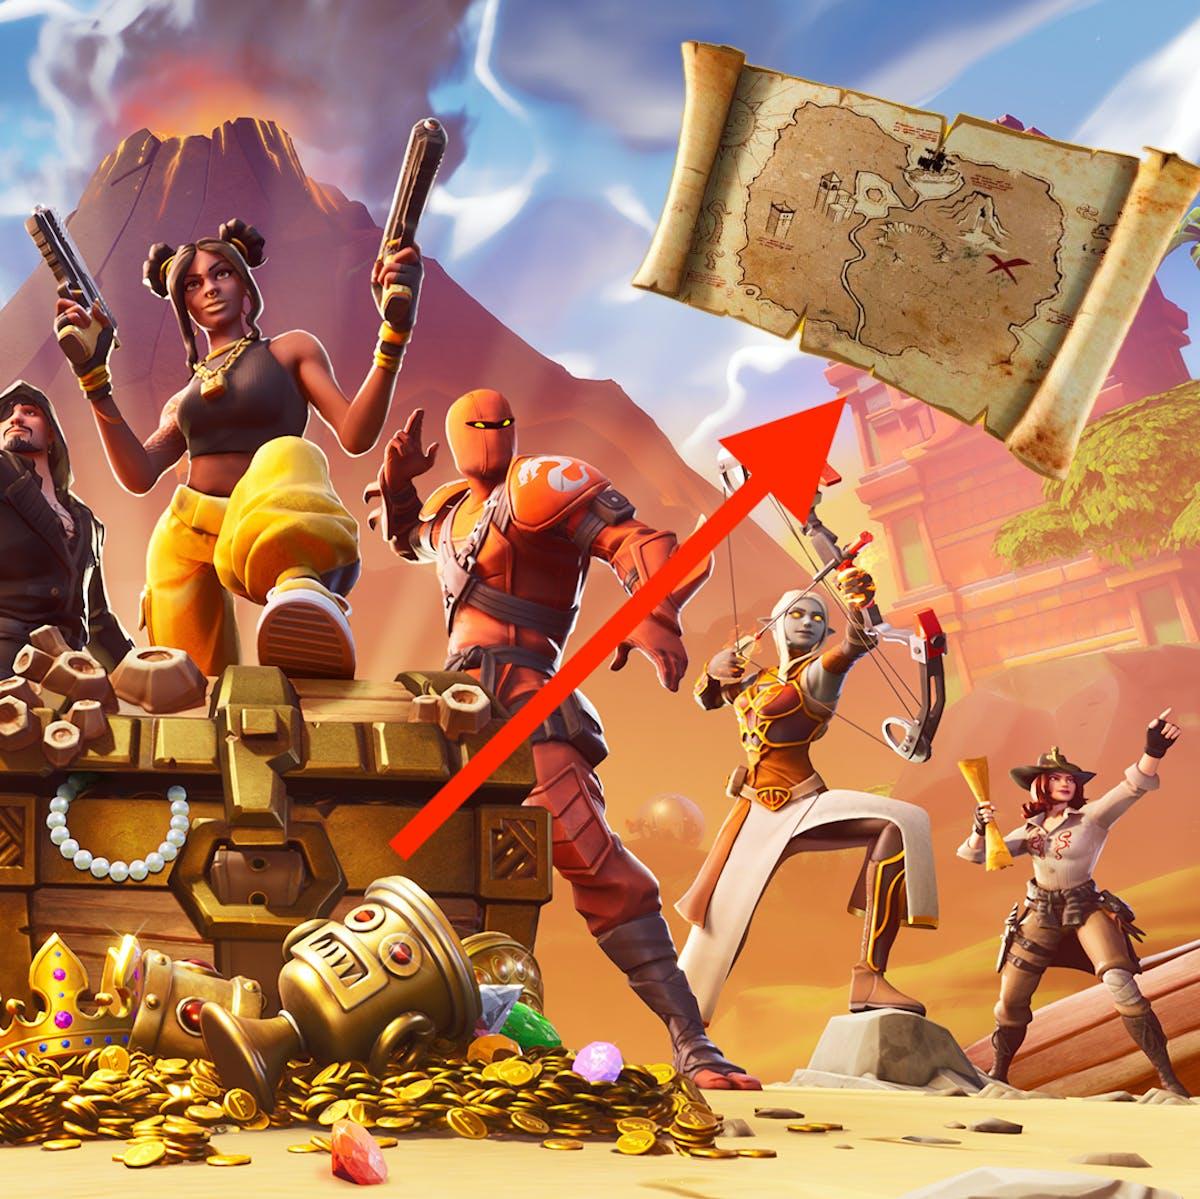 fortnite season 8 buried treasure item teases more interactive looting inverse - fortnite new treasure map item